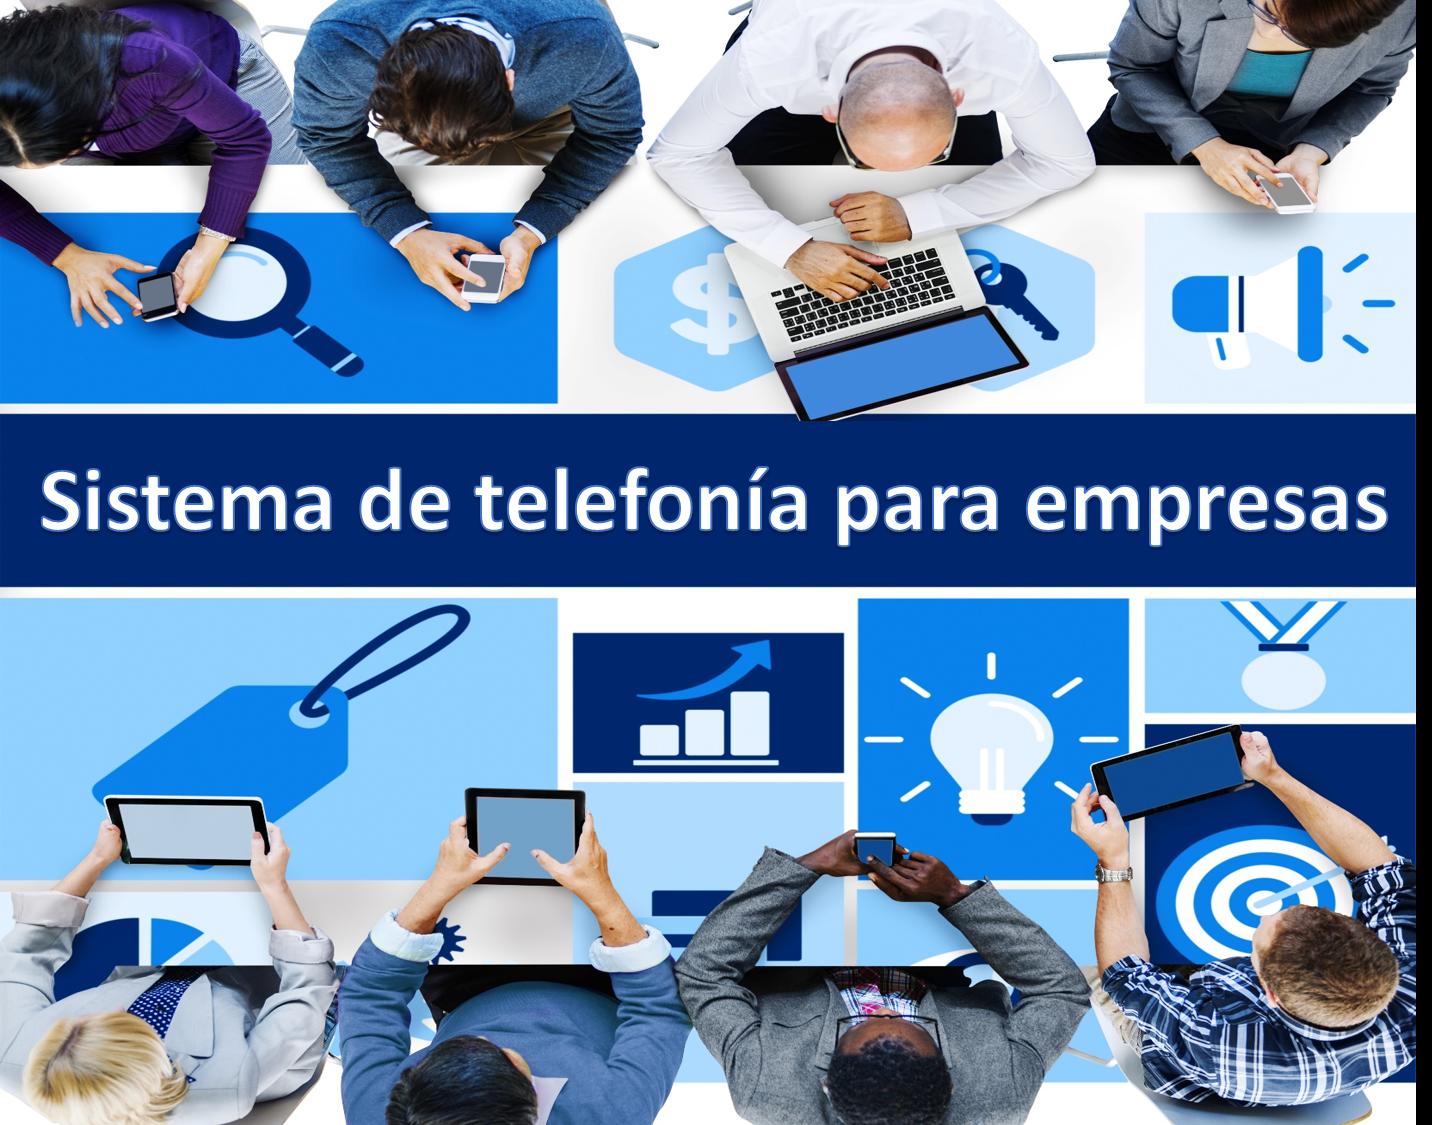 Sistema de telefonía para empresas en Madrid